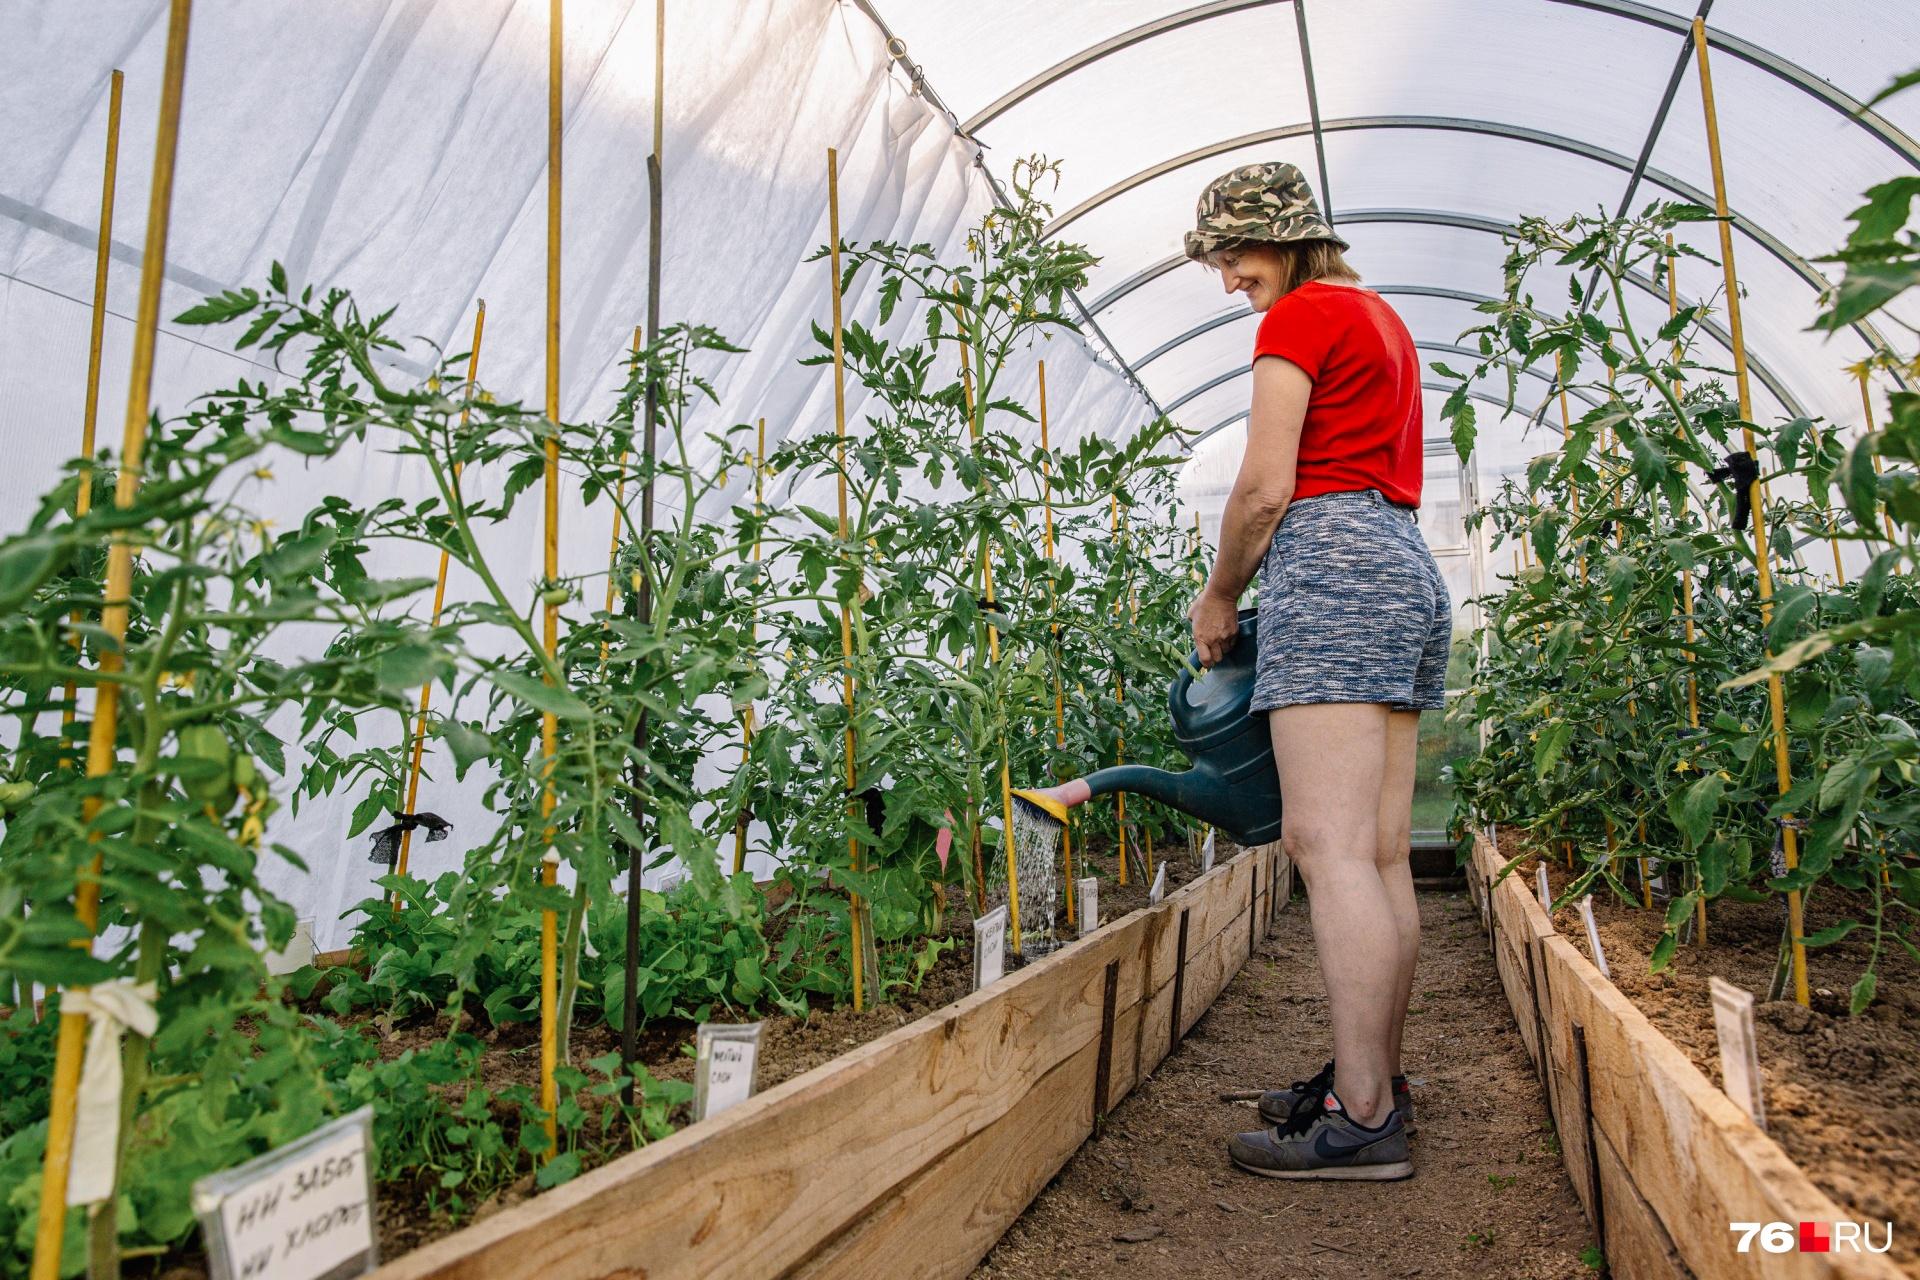 У пышных листьев томатов нет ничего общего с хорошим урожаем. Скорее наоборот